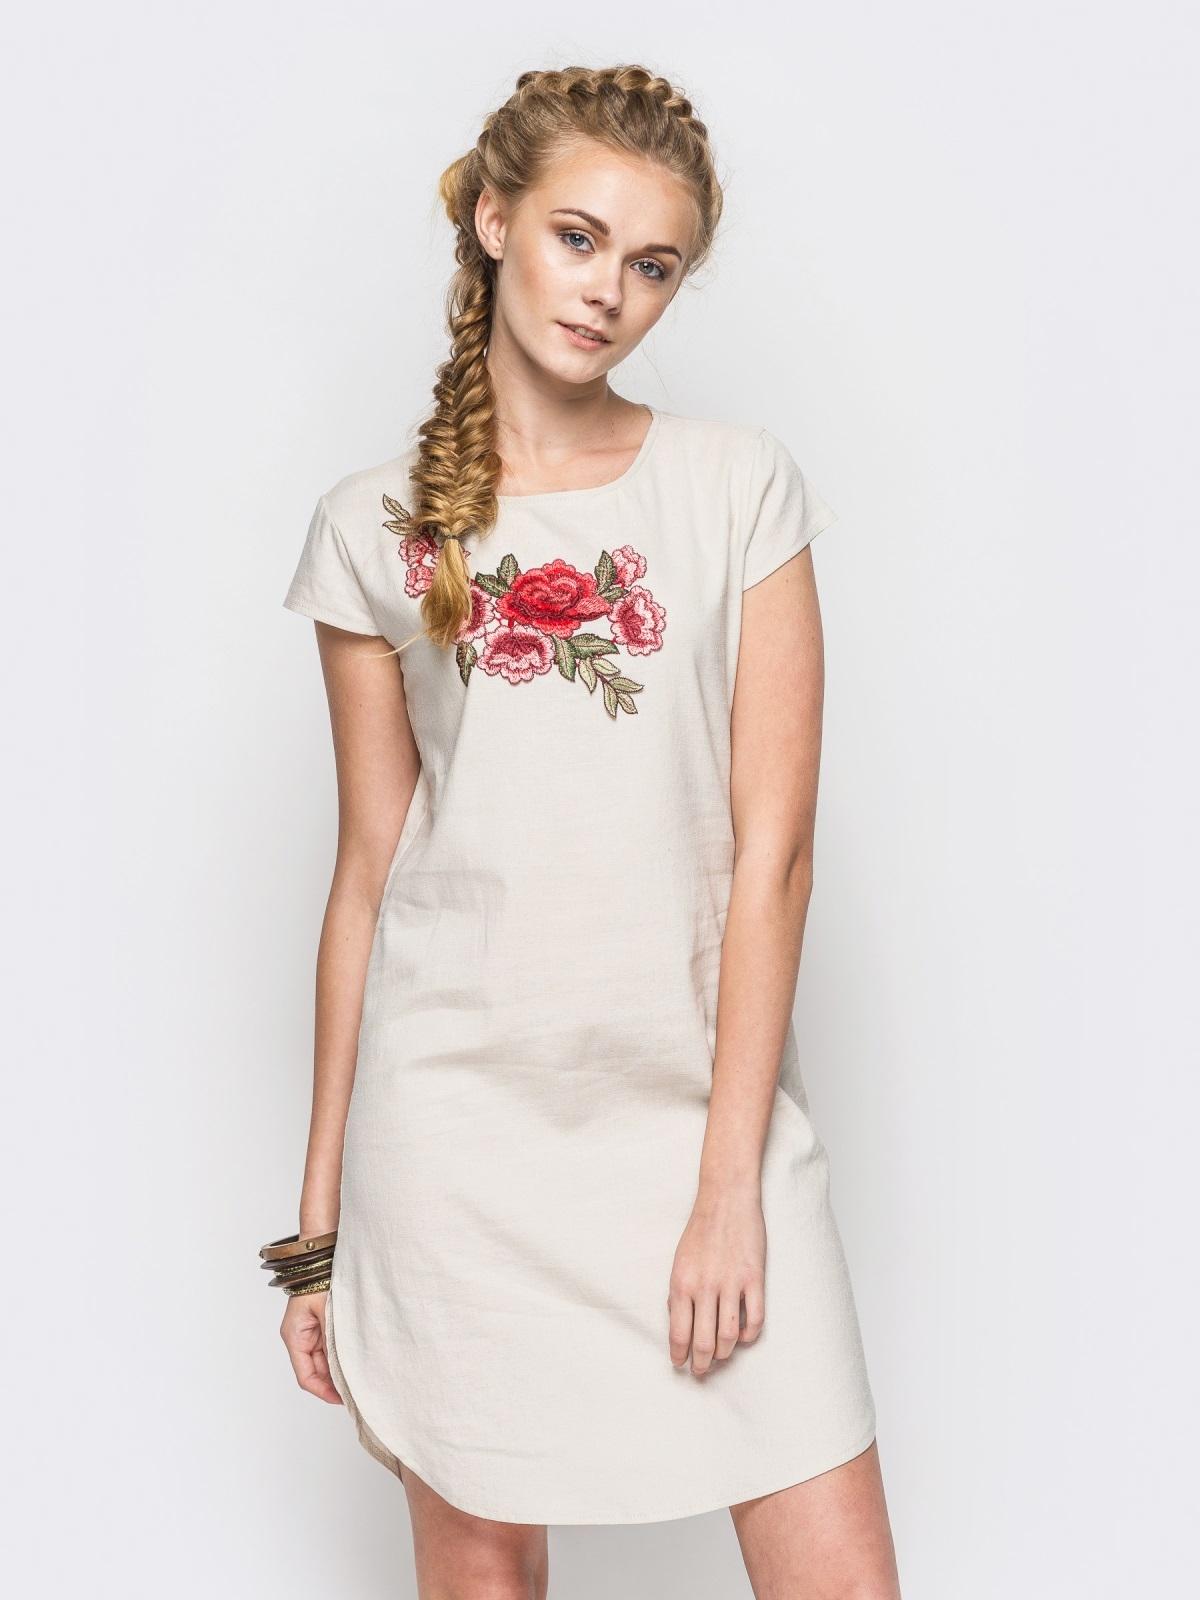 Бежевое платье из натуральной ткани с оригинальной вышивкой - 12522, фото 1 – интернет-магазин Dressa